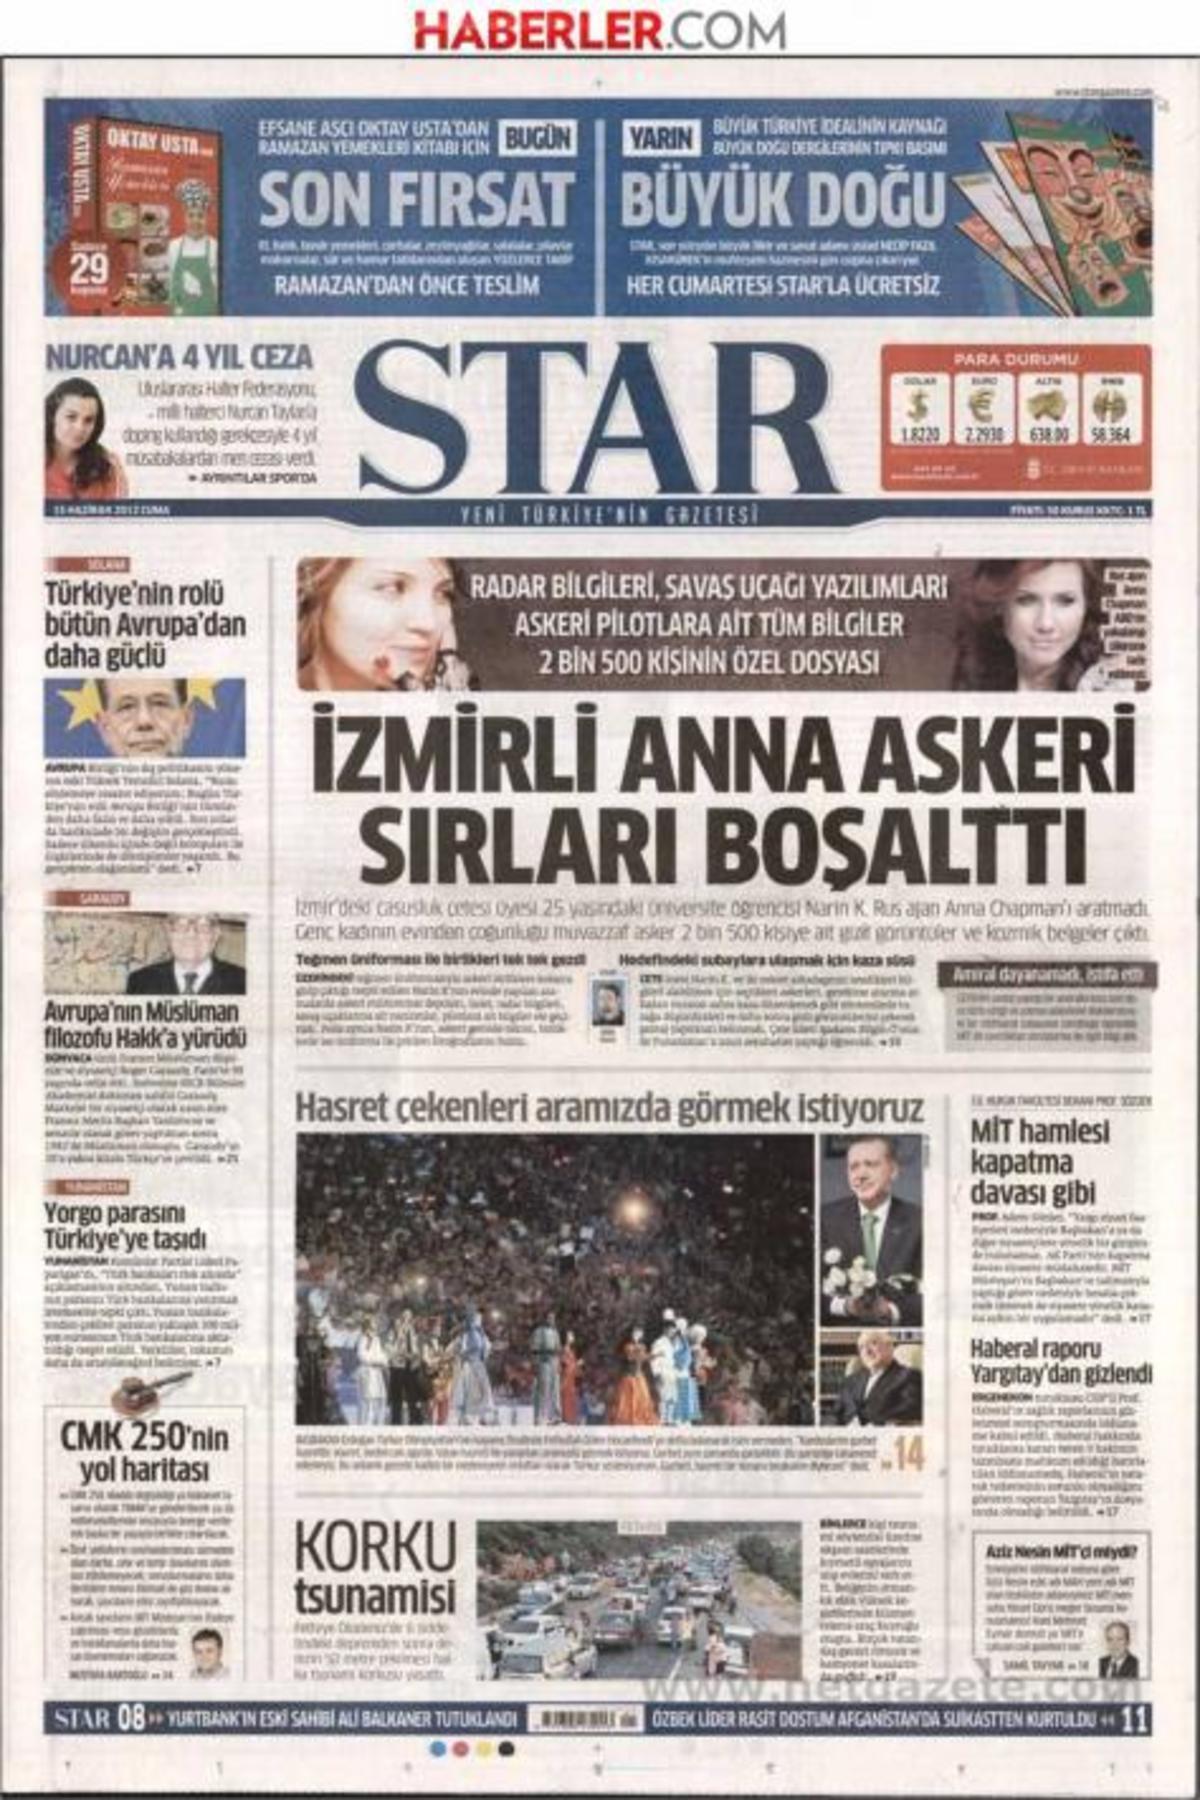 400 εκατομμύρια ευρώ έστειλαν οι Έλληνες στις τουρκικές τράπεζες! Χρήμα εναντίον πατριωτισμού | Newsit.gr